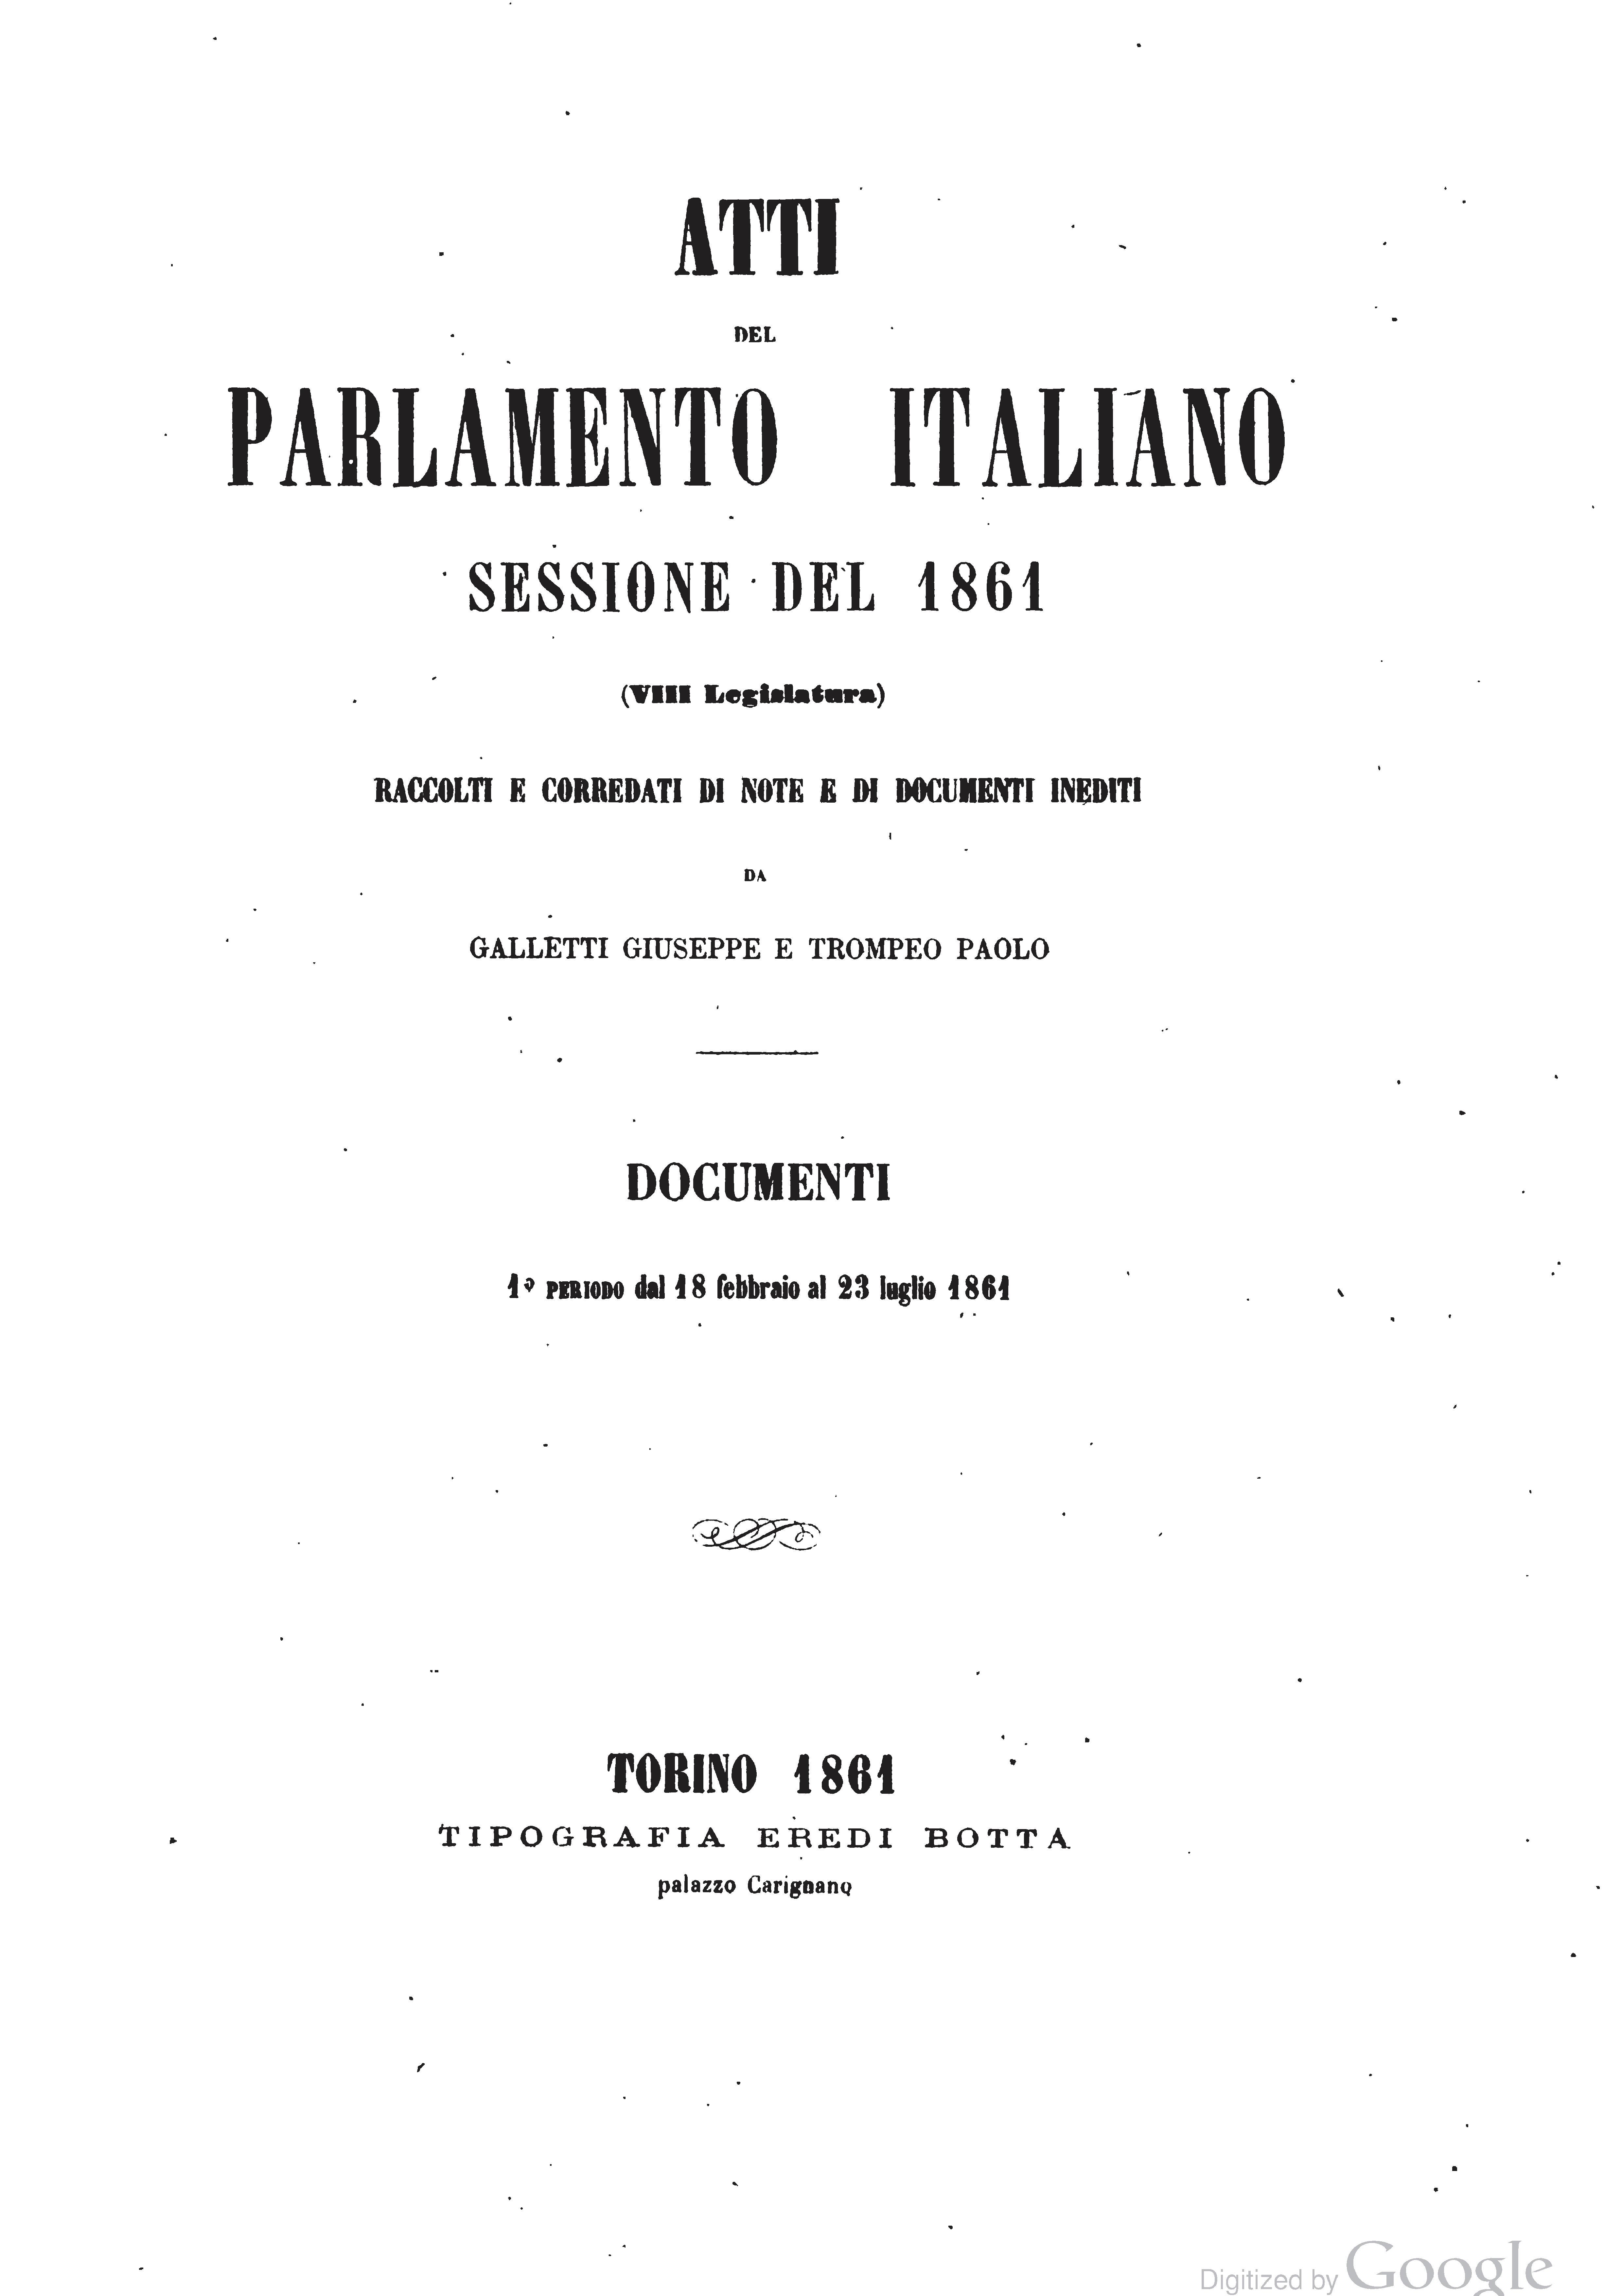 Pagina atti del parlamento italiano 1861 djvu 1 wikisource for Il parlamento italiano wikipedia